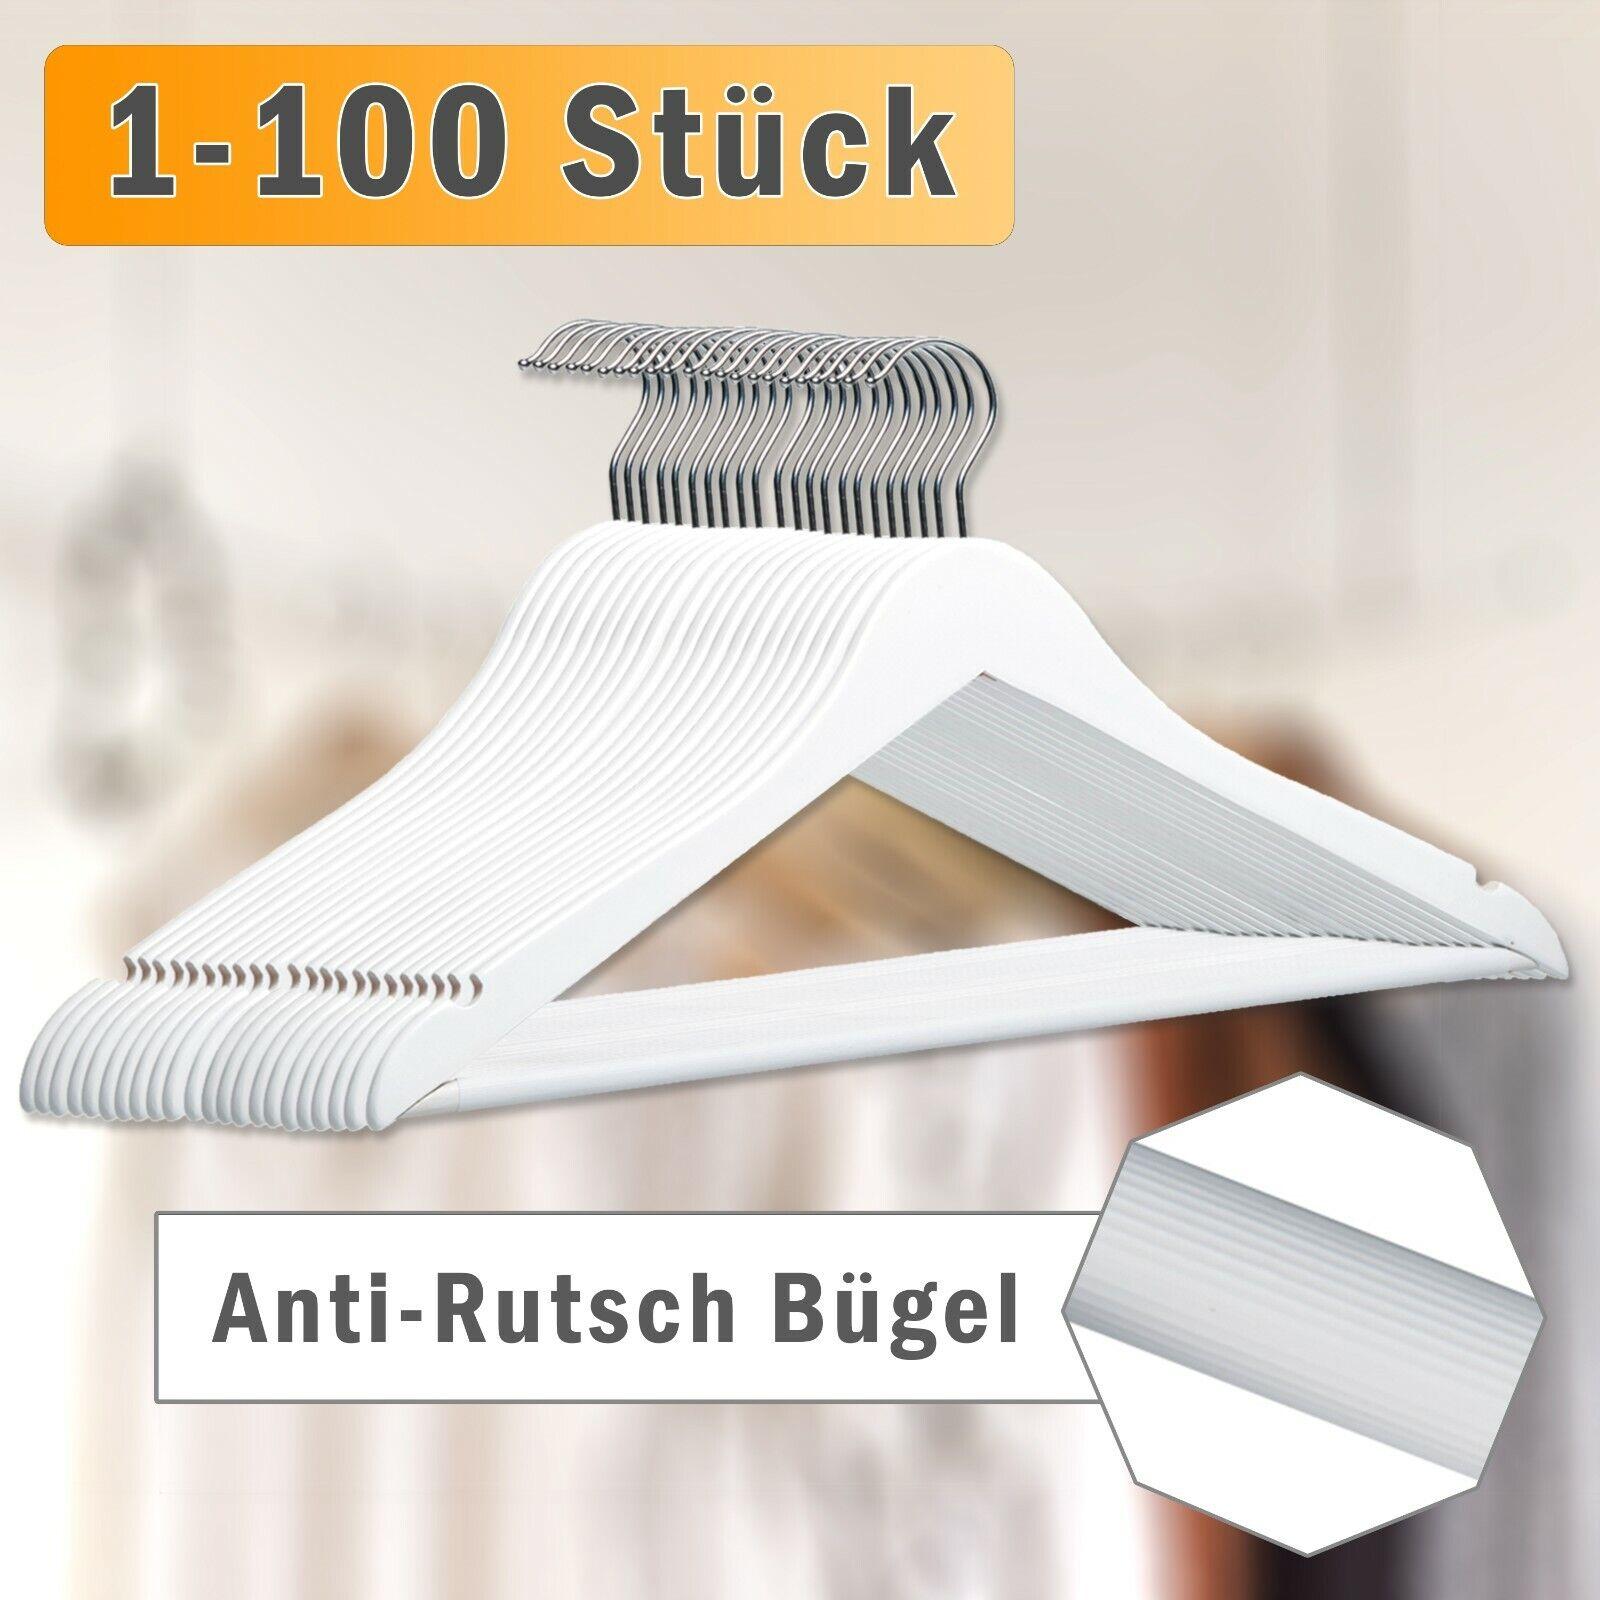 1-100 Holz Kleiderbügel in Weiß, anti-Rutsch Design, Jacken Kleider Hosen Bügel